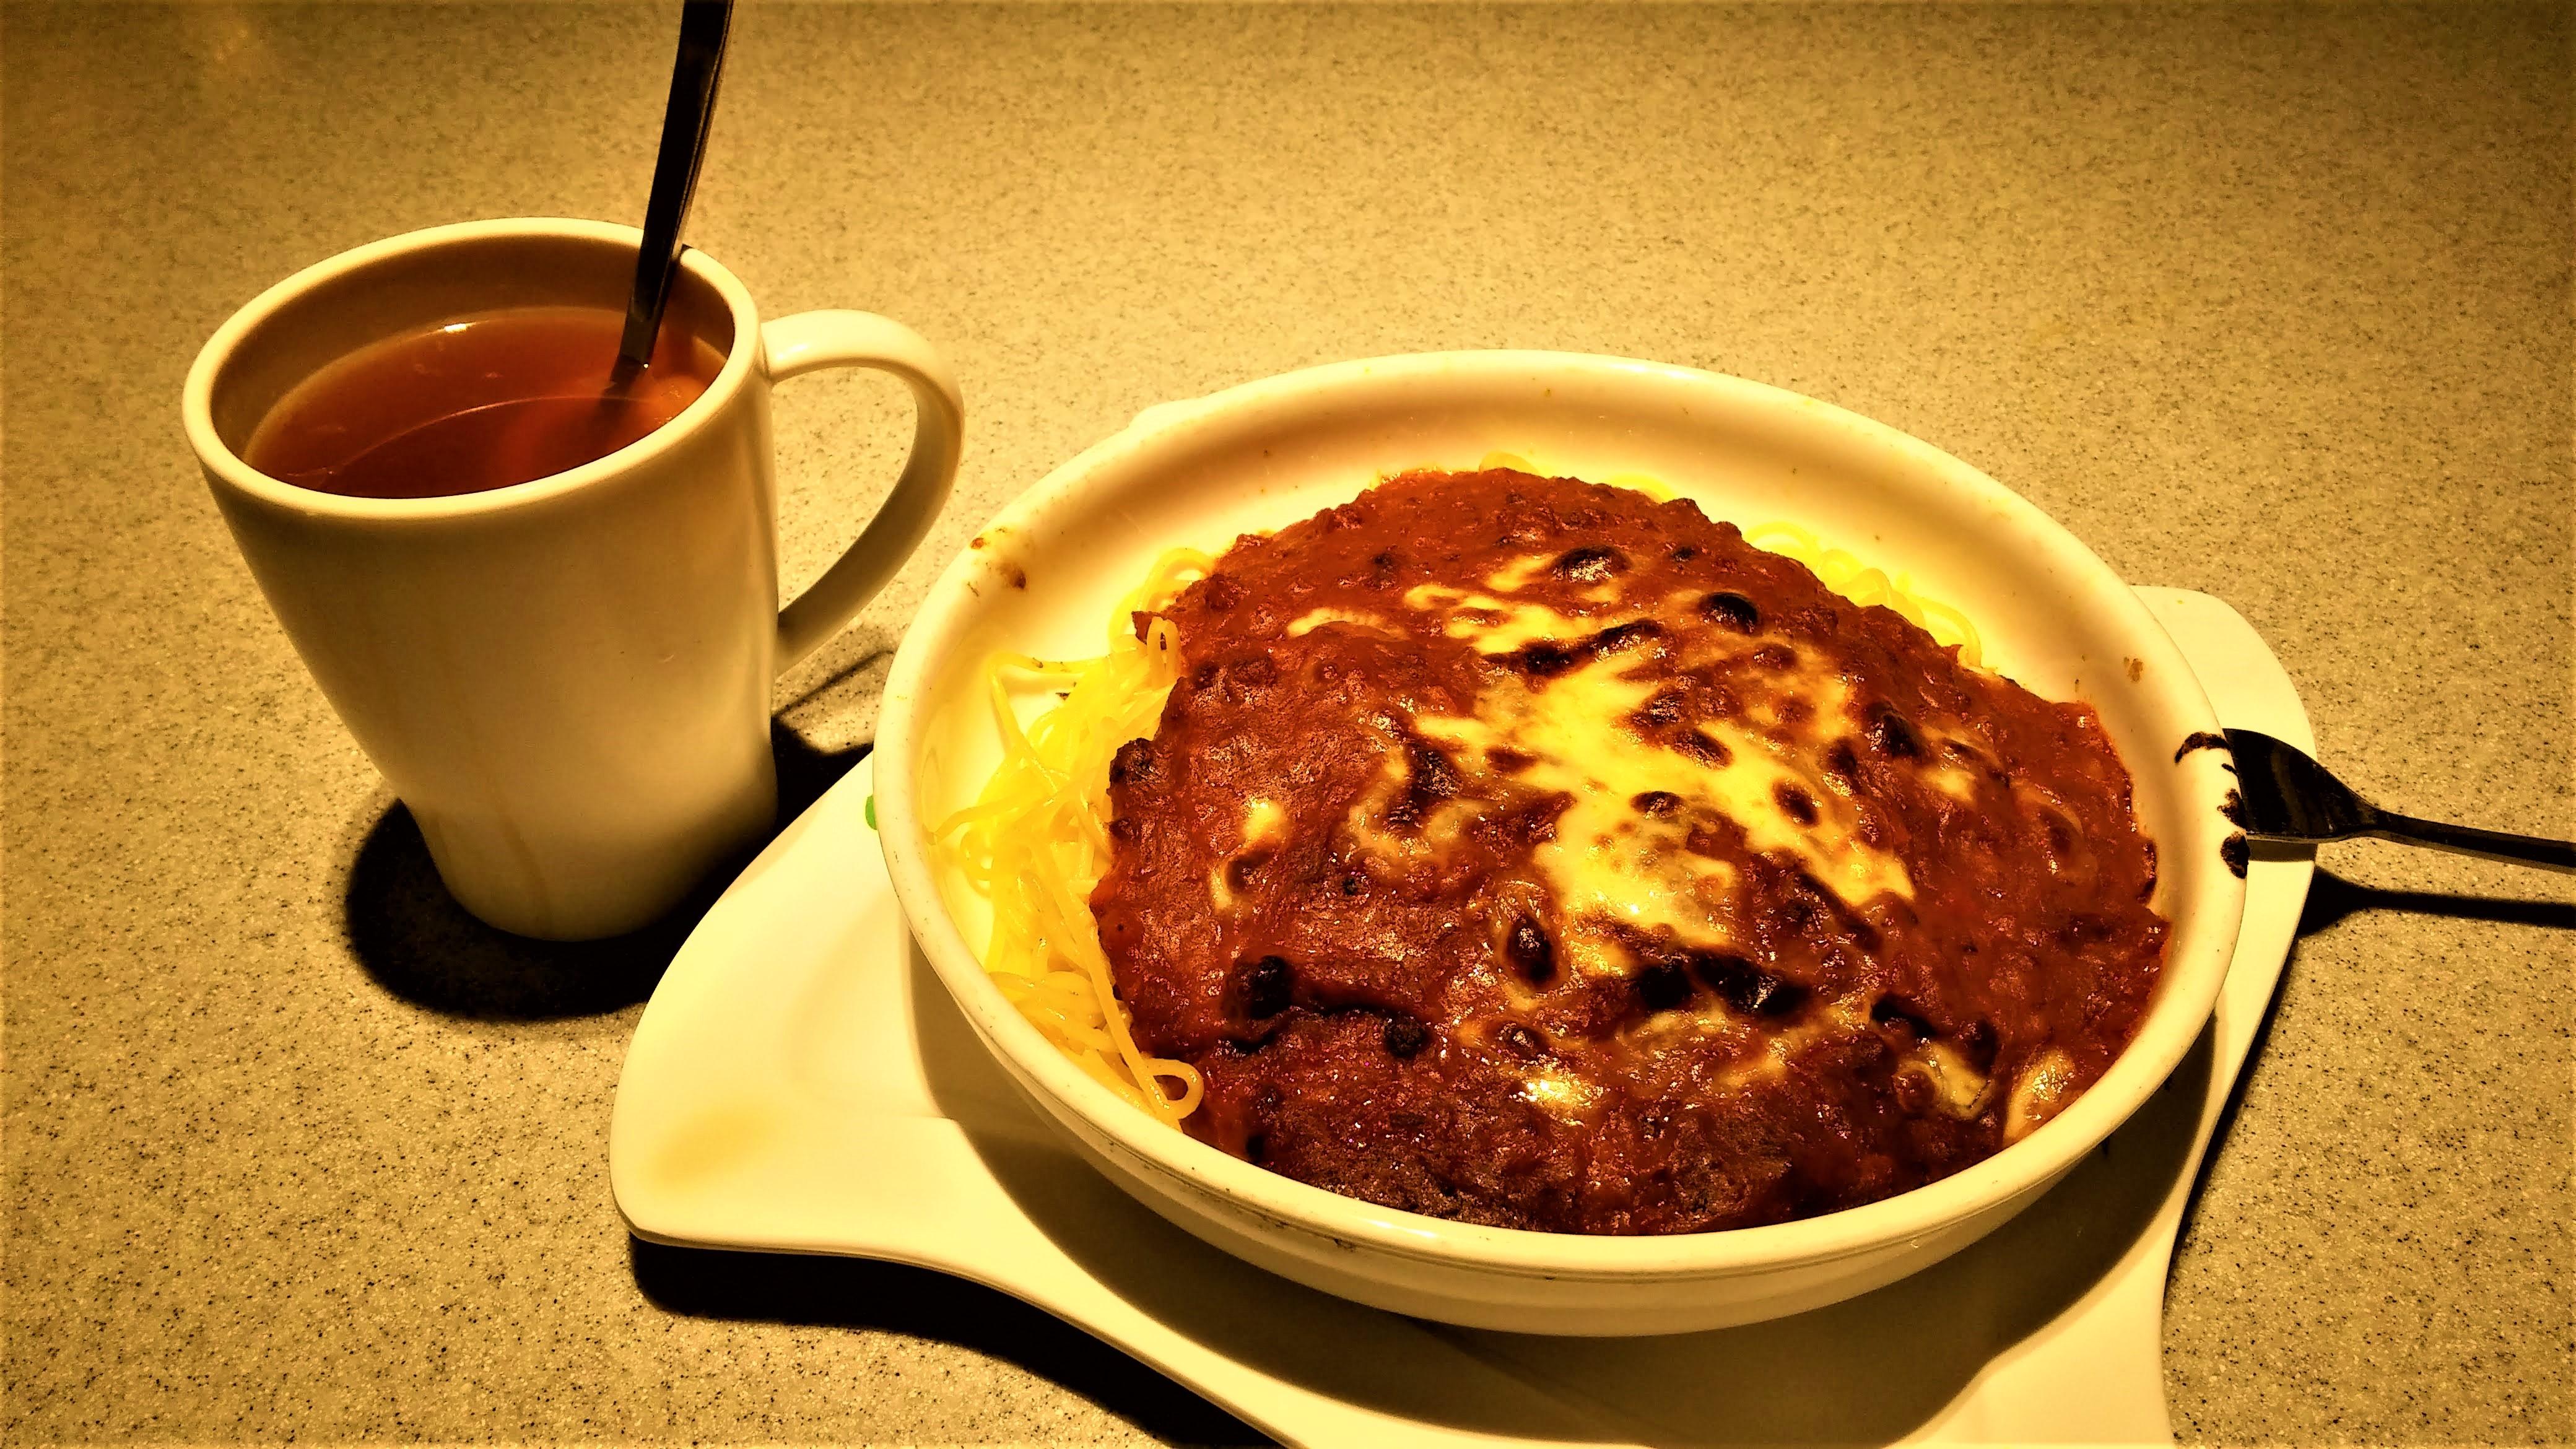 Hong Kong style Spaghetti Bolognese with lemon tea